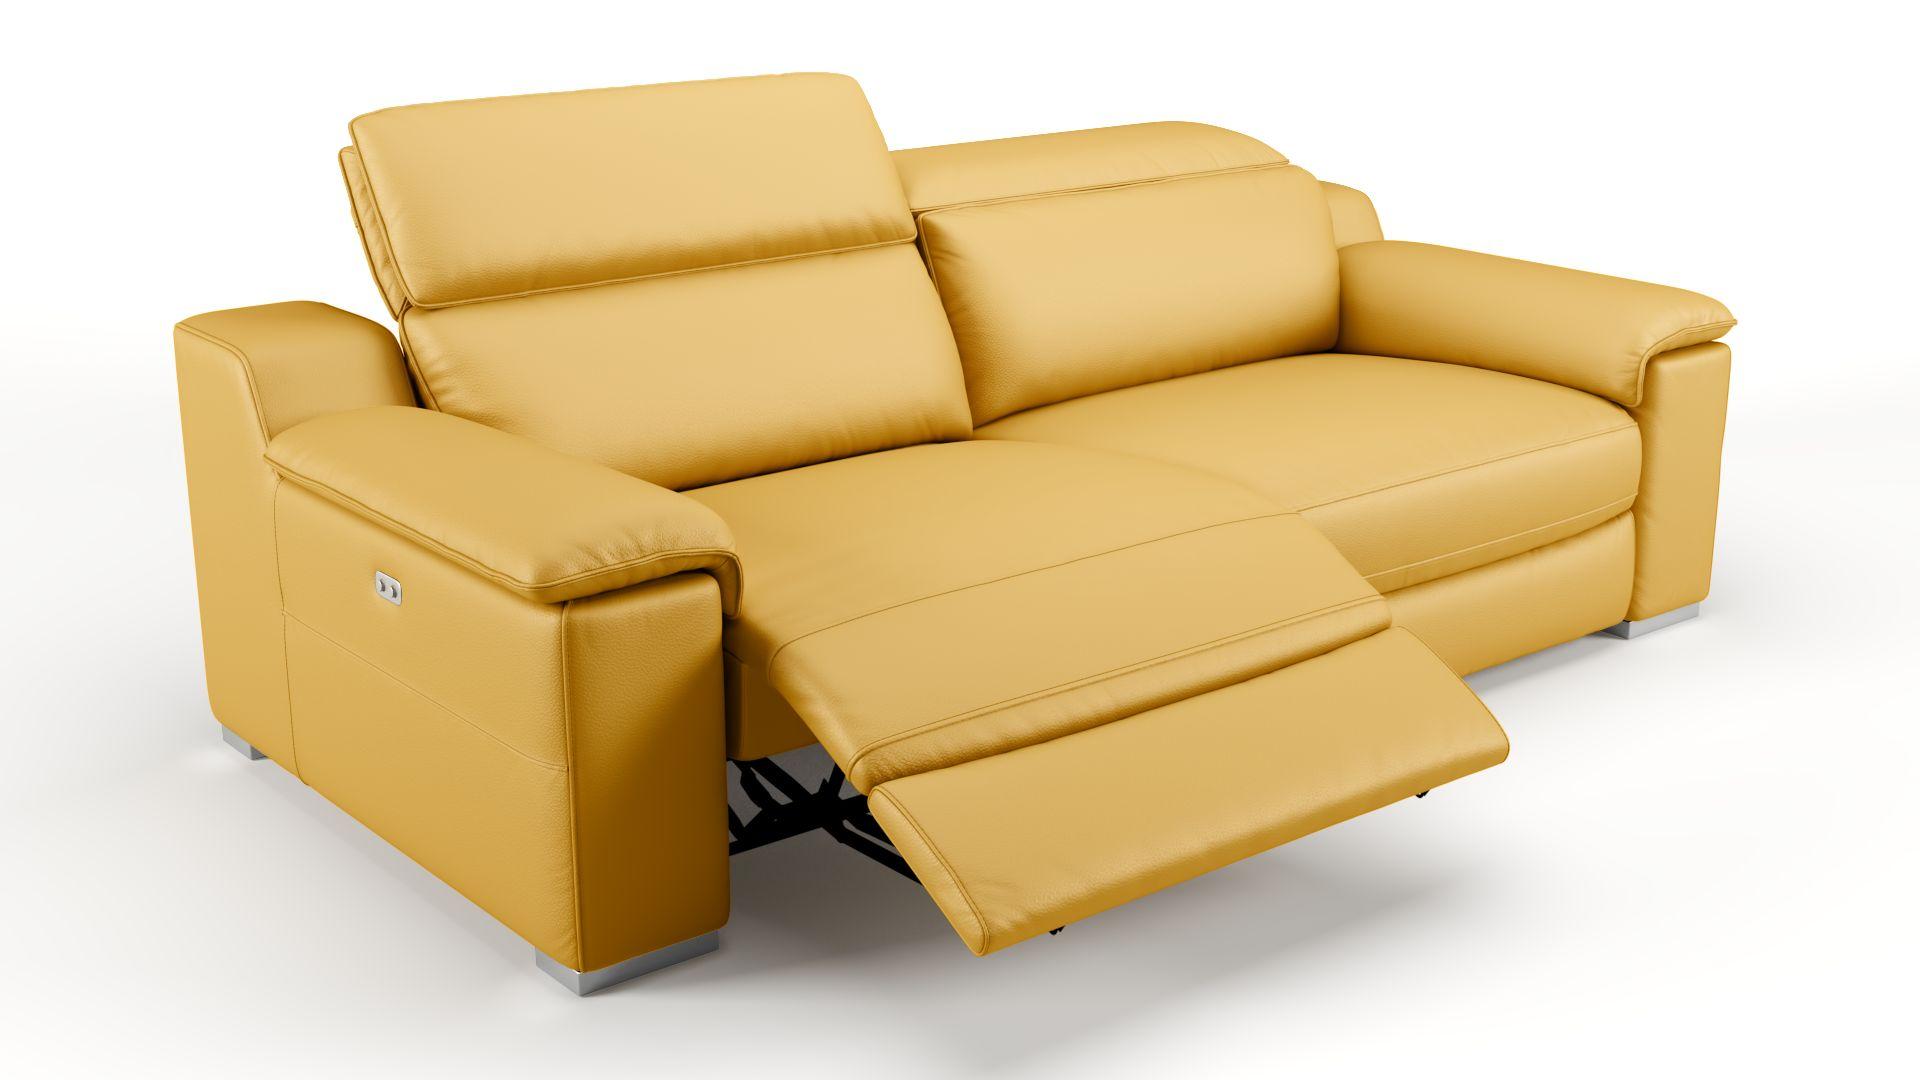 Full Size of Sofa Mit Relaxfunktion Elektrisch 3 Sitzer Ledersofa Macello Sofanella 3er Grau Bettfunktion Luxus Verstellbarer Sitztiefe Modulares Kleines Wohnzimmer Weißes Sofa Sofa Mit Relaxfunktion Elektrisch